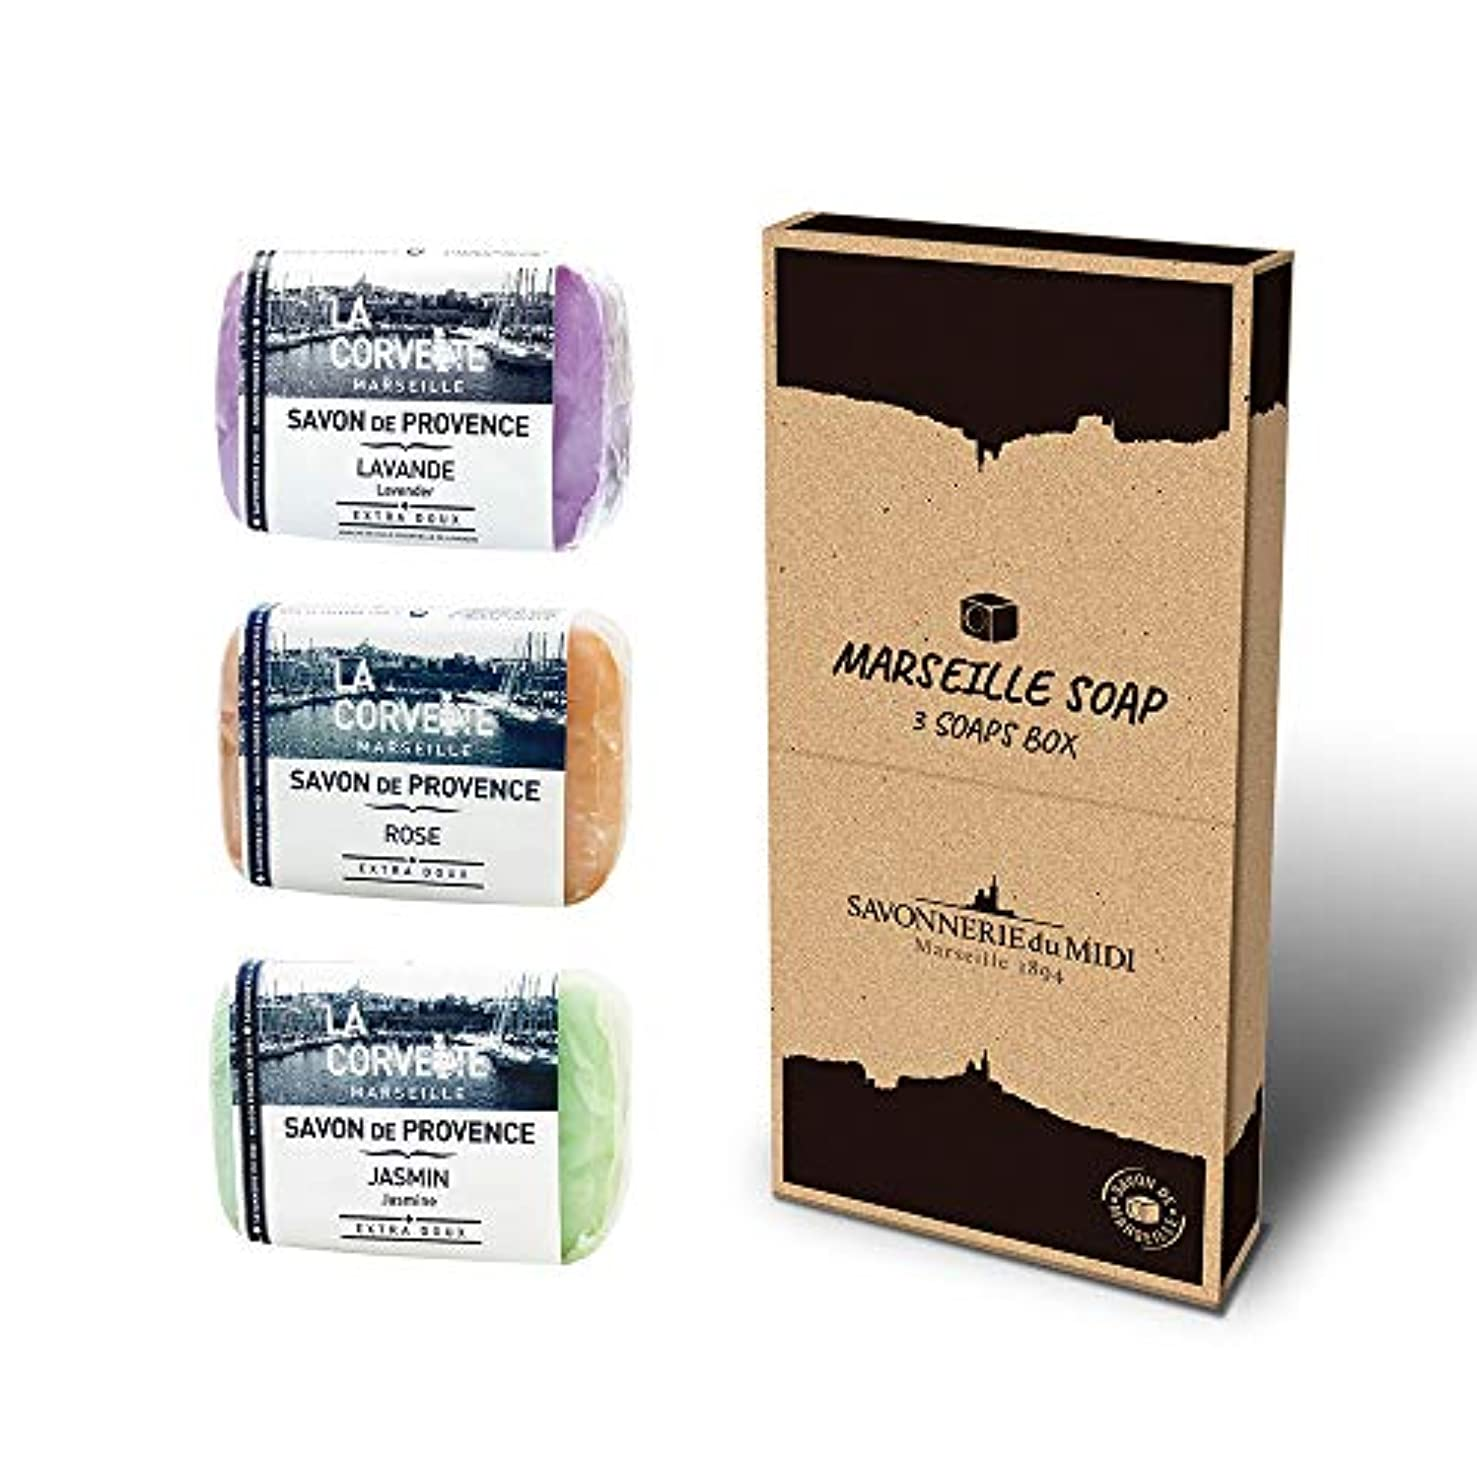 マルセイユソープ 3Soaps BOX フローラル